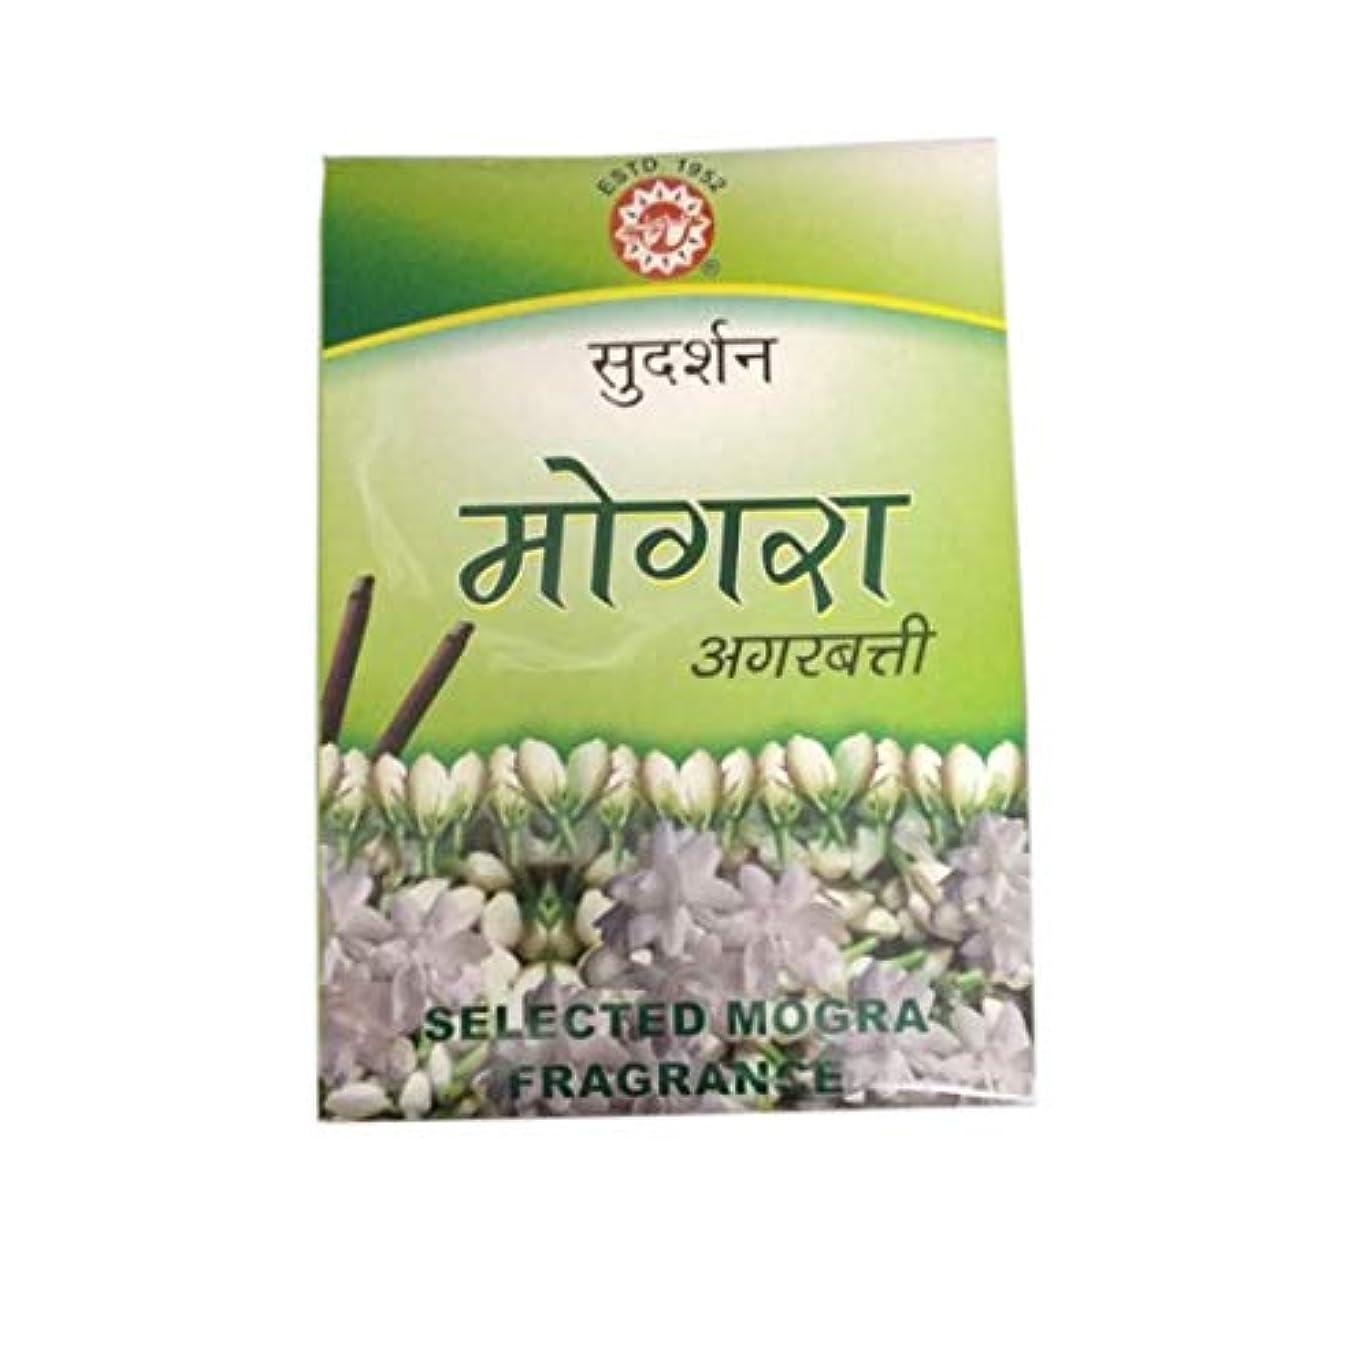 セーブそう請求書Sudarshan Mogra Agarbatti - 12 Sticks Packet 1 Box Fragrance Incense Sticks for Positivity & Freshness Lavender...